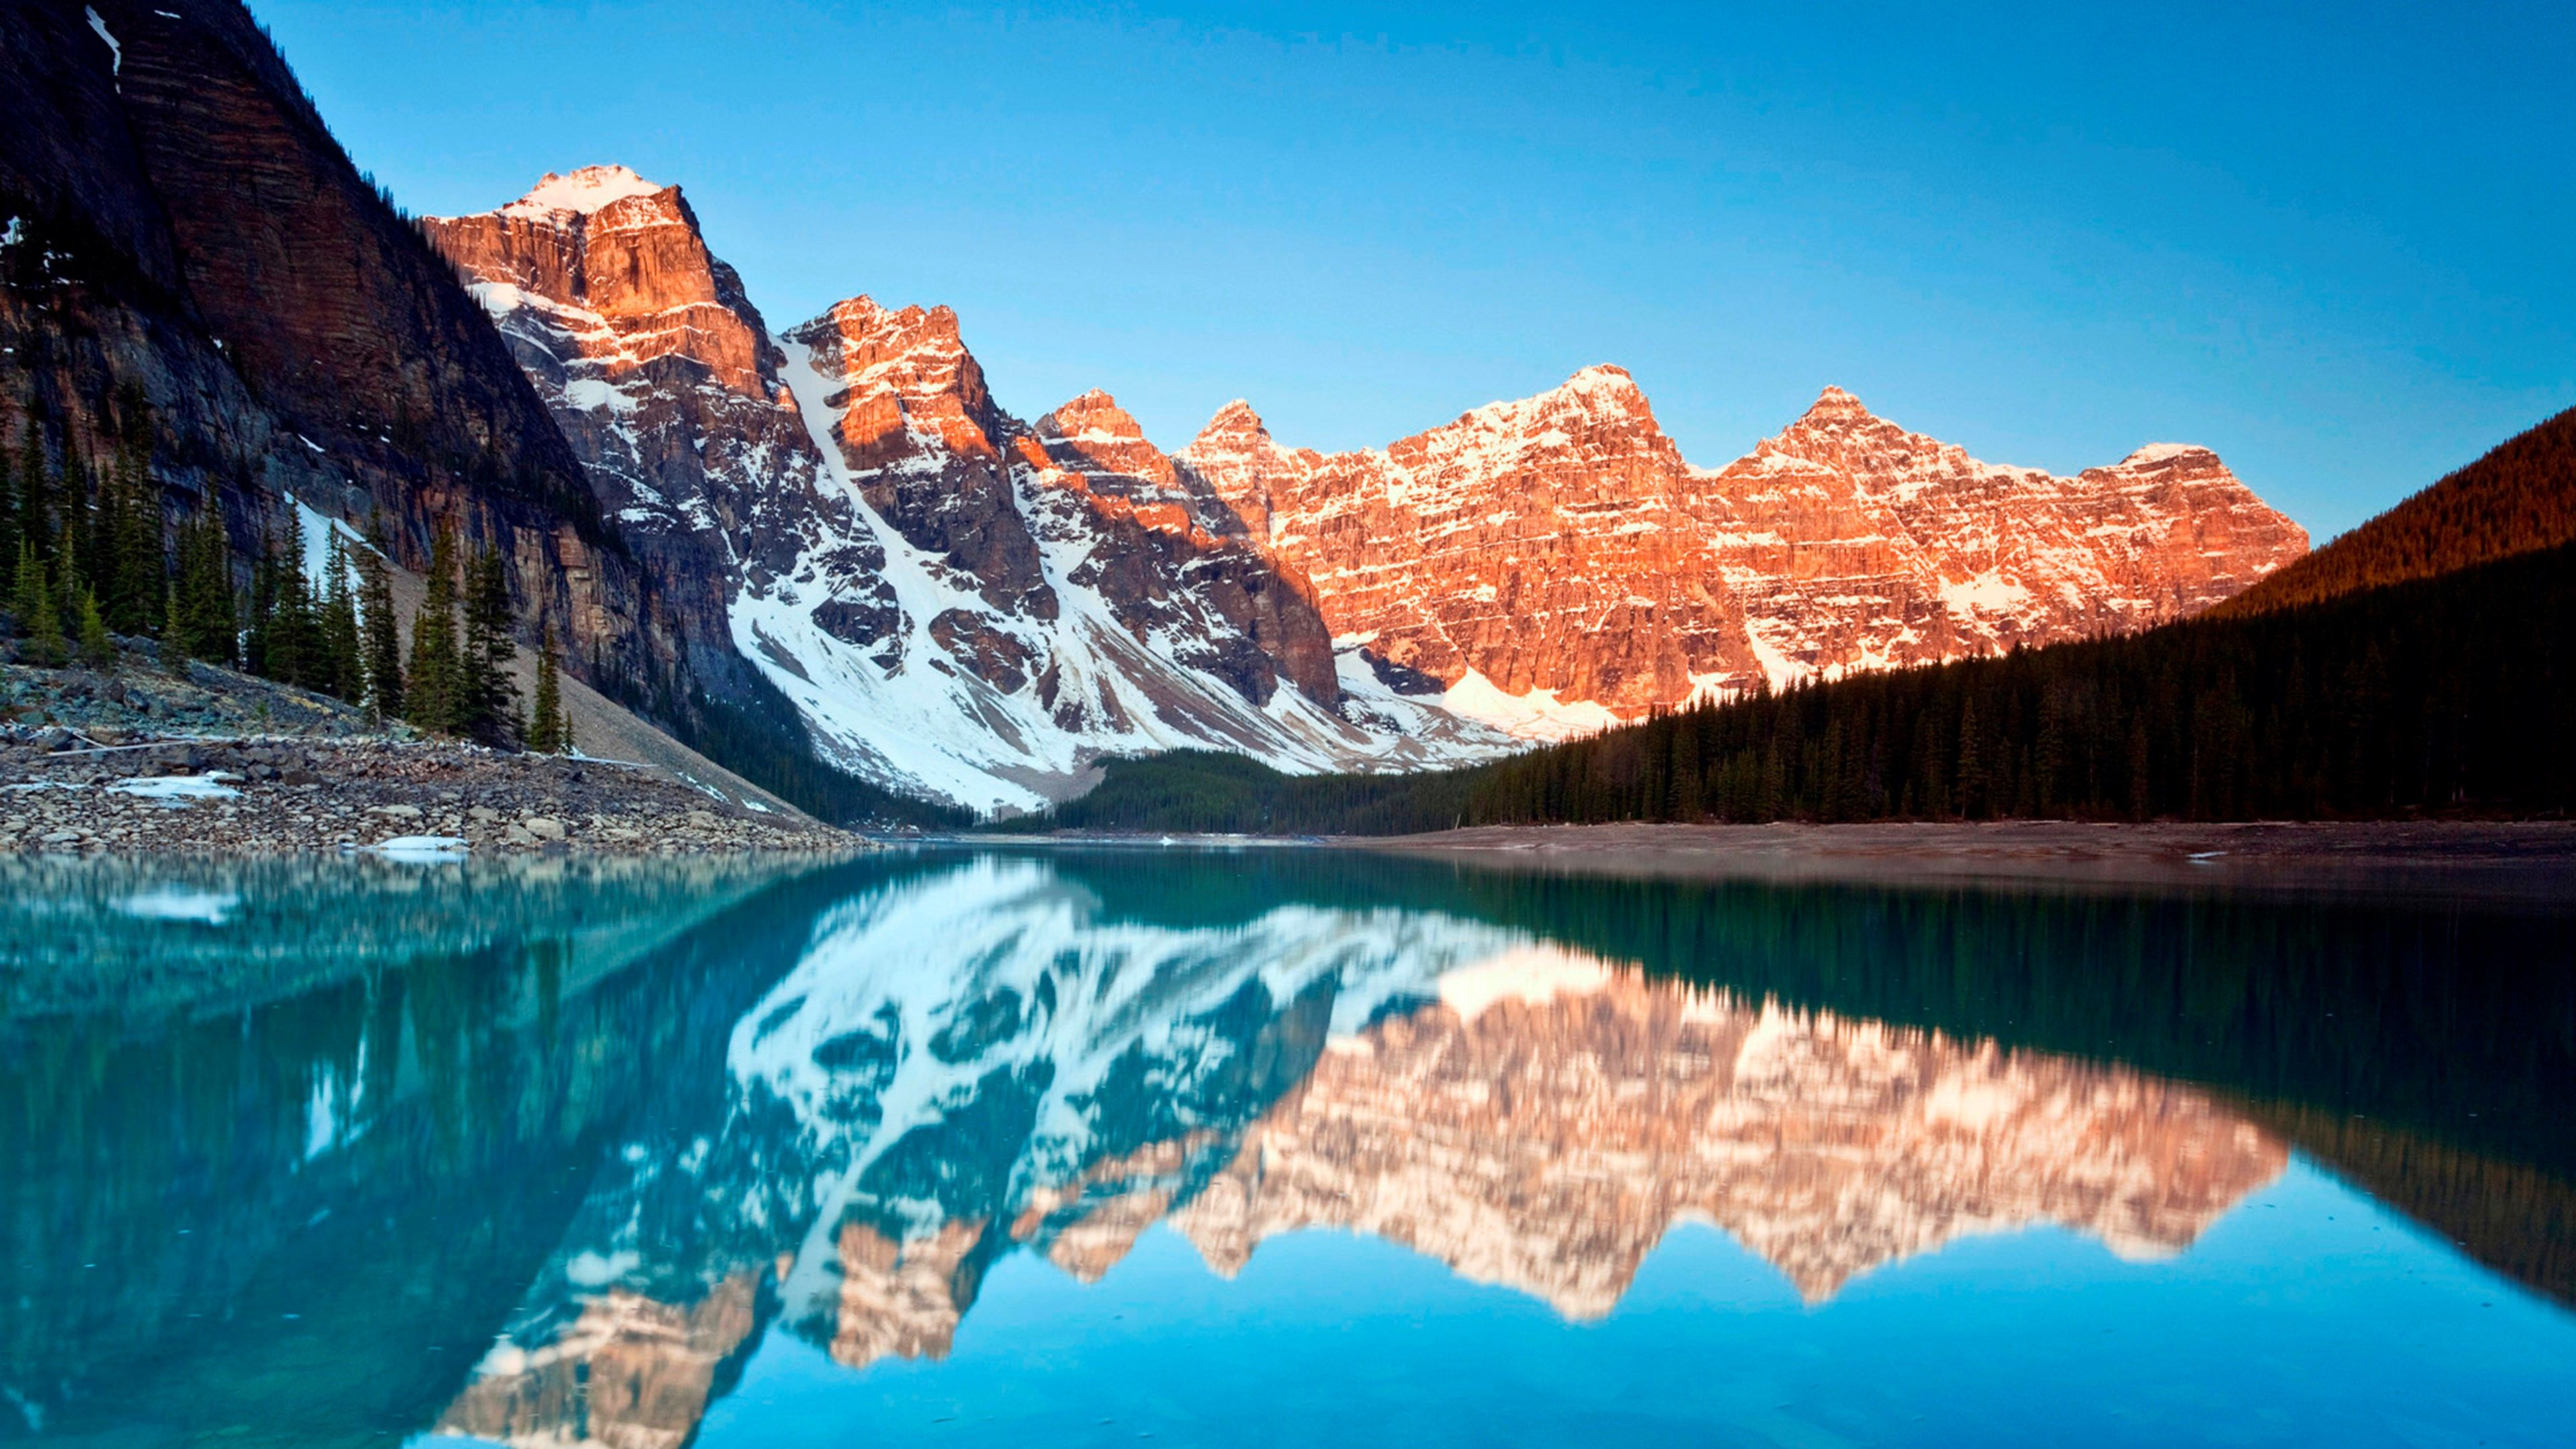 Reflection 4k Wallpaper 3840x2160 Fond Ecran Windows Fond Ecran Nature Fond D Ecran Telephone